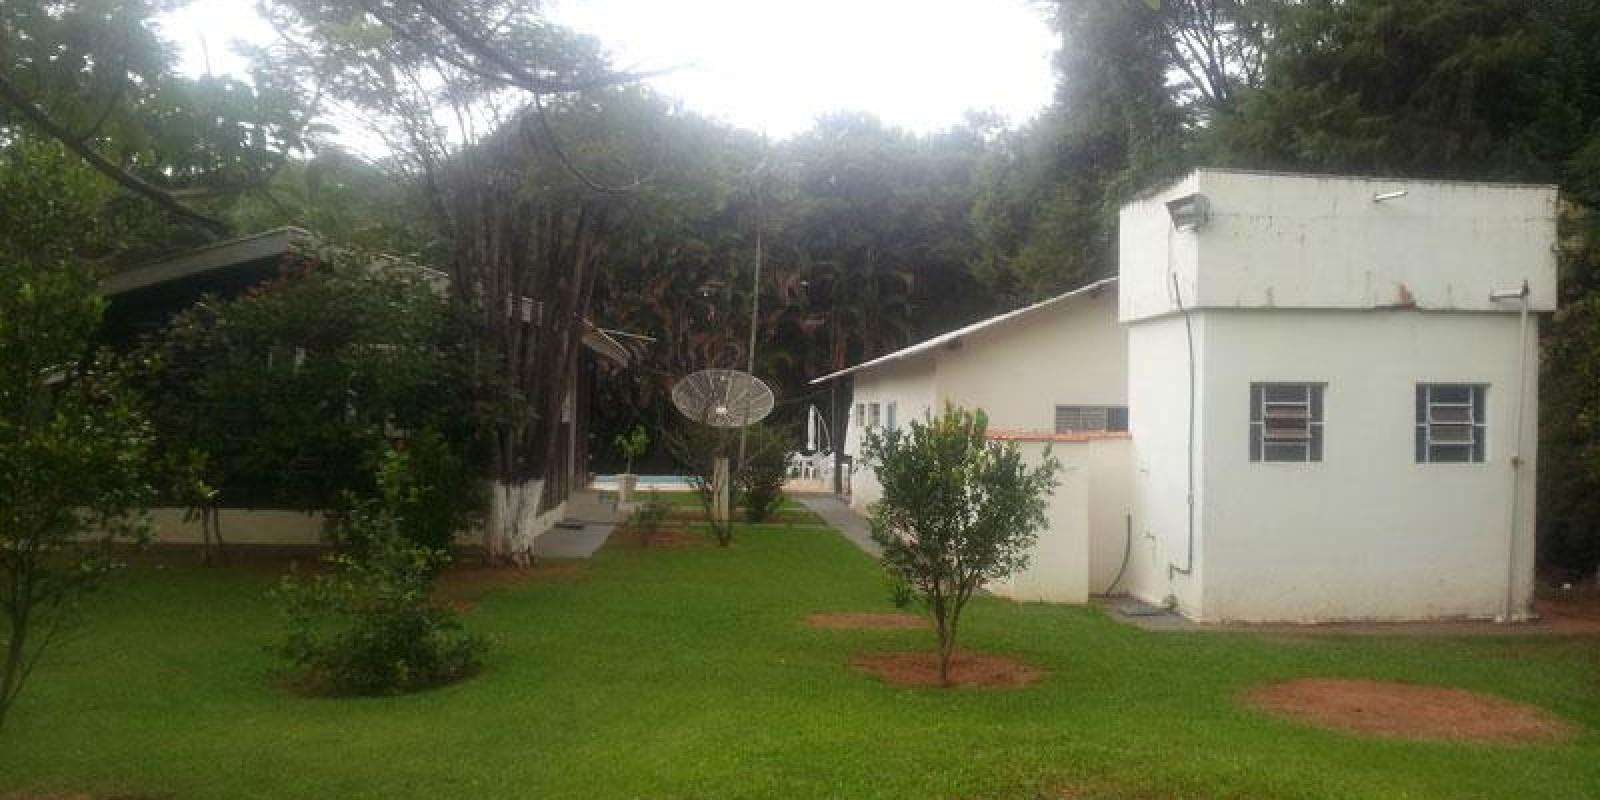 Casa na Represa Costa Azul em Avaré SP - Foto 7 de 20